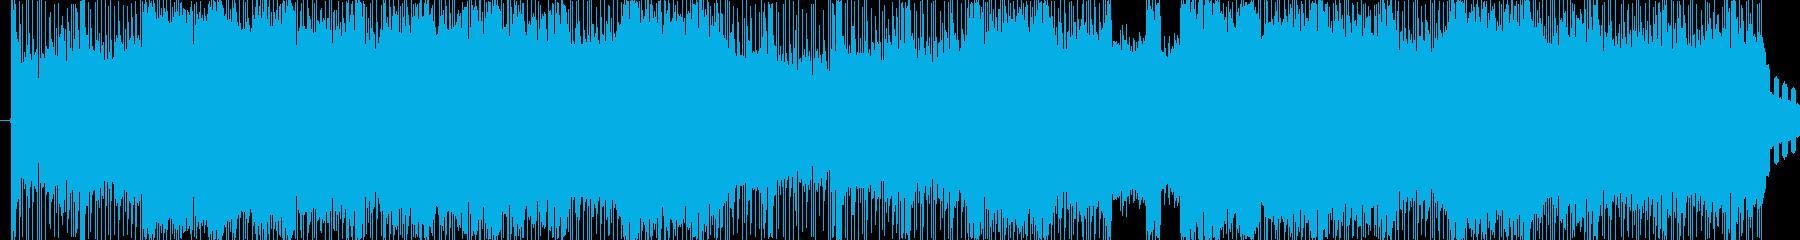 ロック調でクールなバンドサウンド。の再生済みの波形